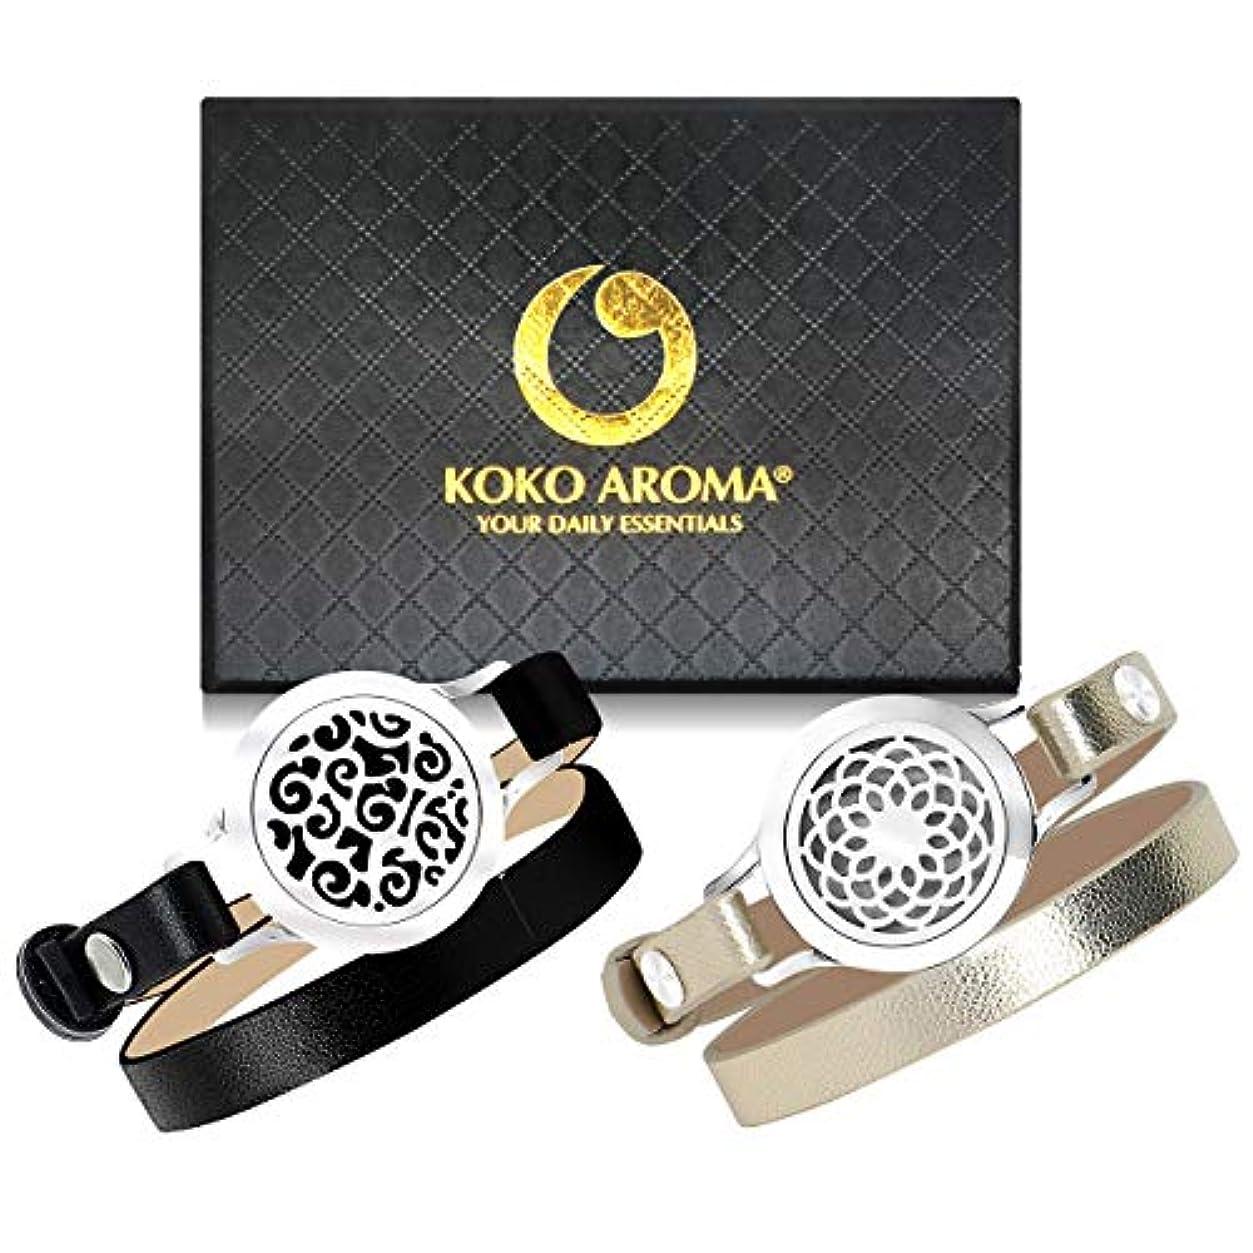 病気だと思うあなたが良くなります息子KOKO AROMA Essential Oil Diffuser Bracelets 2pcs: Stainless Steel Aromatherapy Bangle or Leather Jewelry Woman...